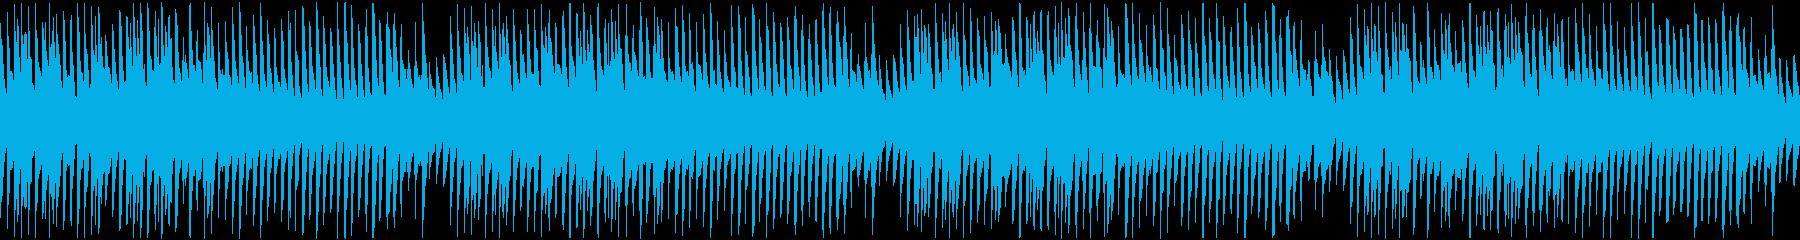 穏やか日常和風映像ほのぼの楽しい優しい琴の再生済みの波形